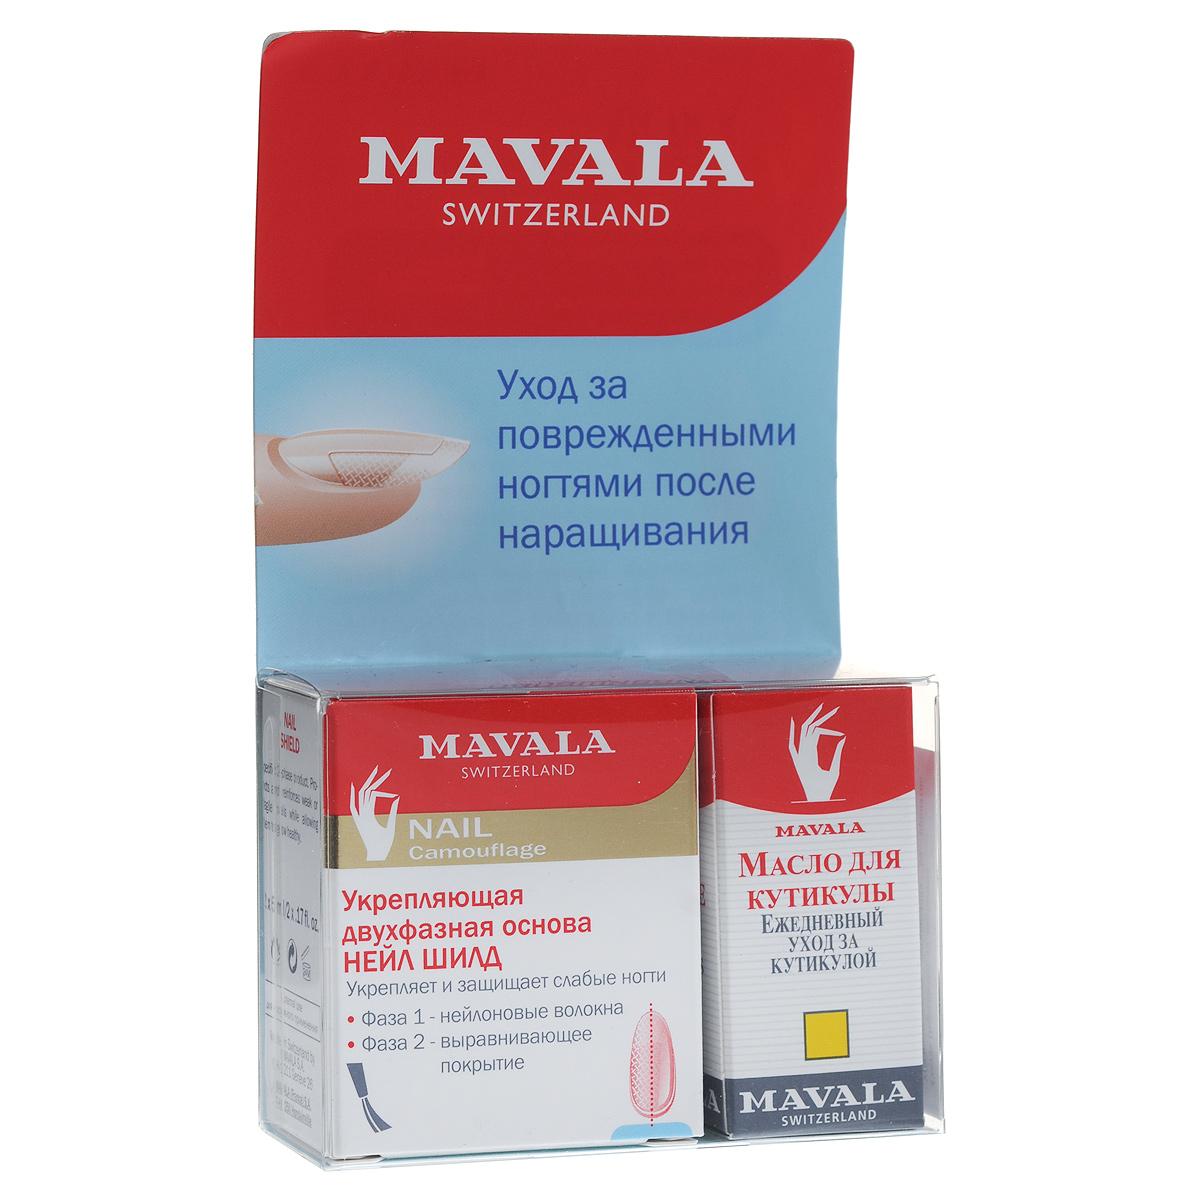 Mavala Набор для ногтей Уход за поврежденными ногтями после наращивания: двухфазная основа Нейл шилд, укрепляющая, масло для кутикулы